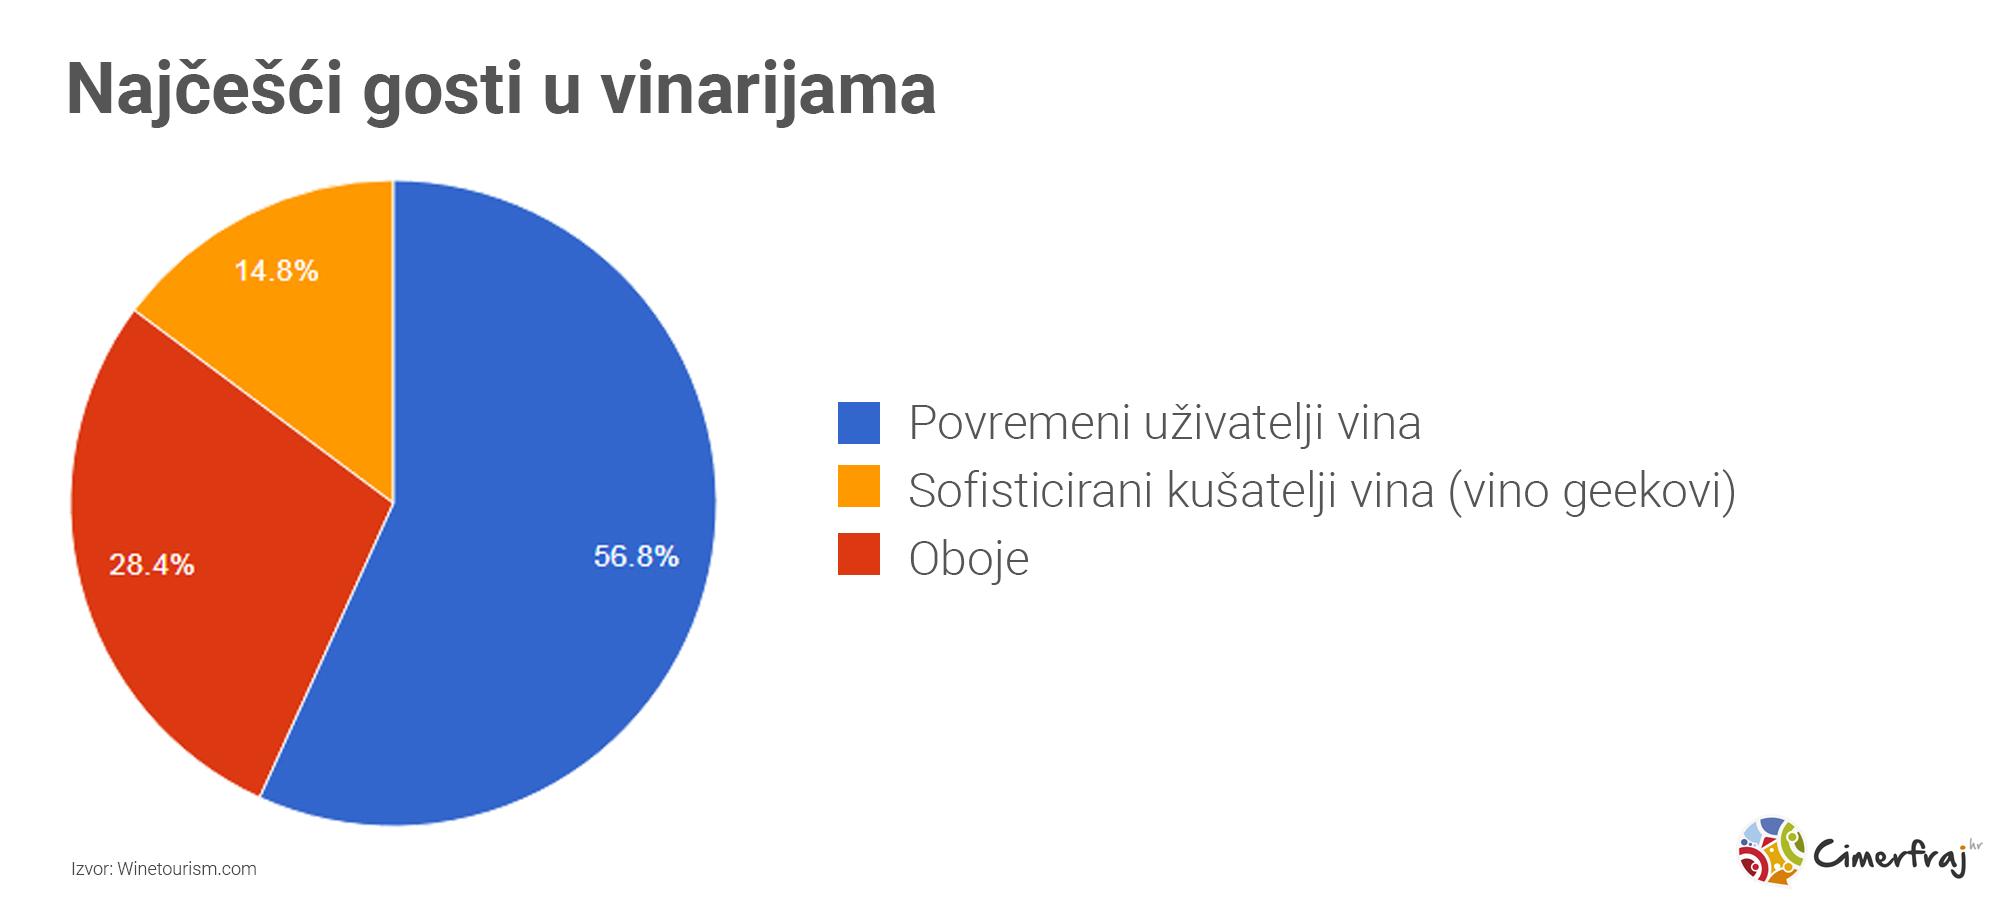 Najčešći gosti u vinarijama